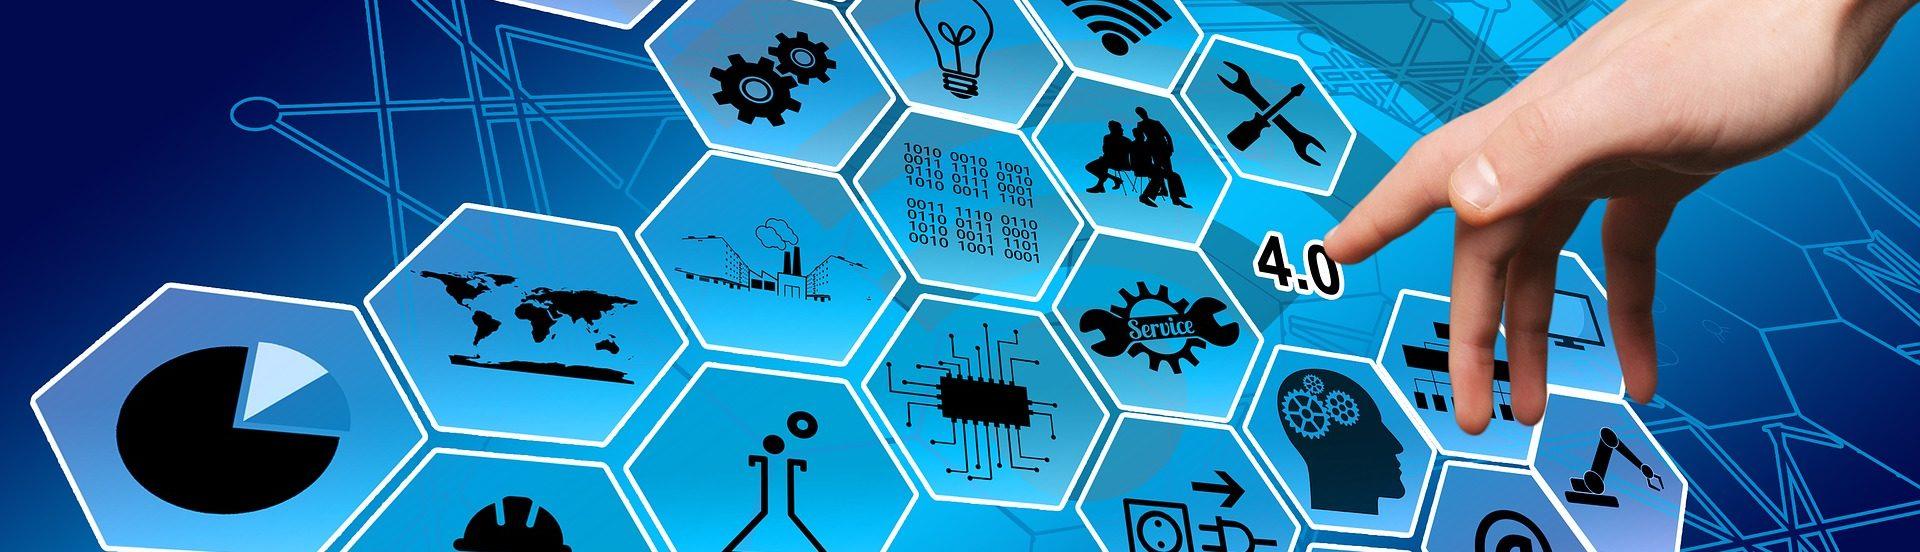 ŚLĄSK: Dotacja inwestycyjna na wdrożenie innowacji produktowej lub procesowej.